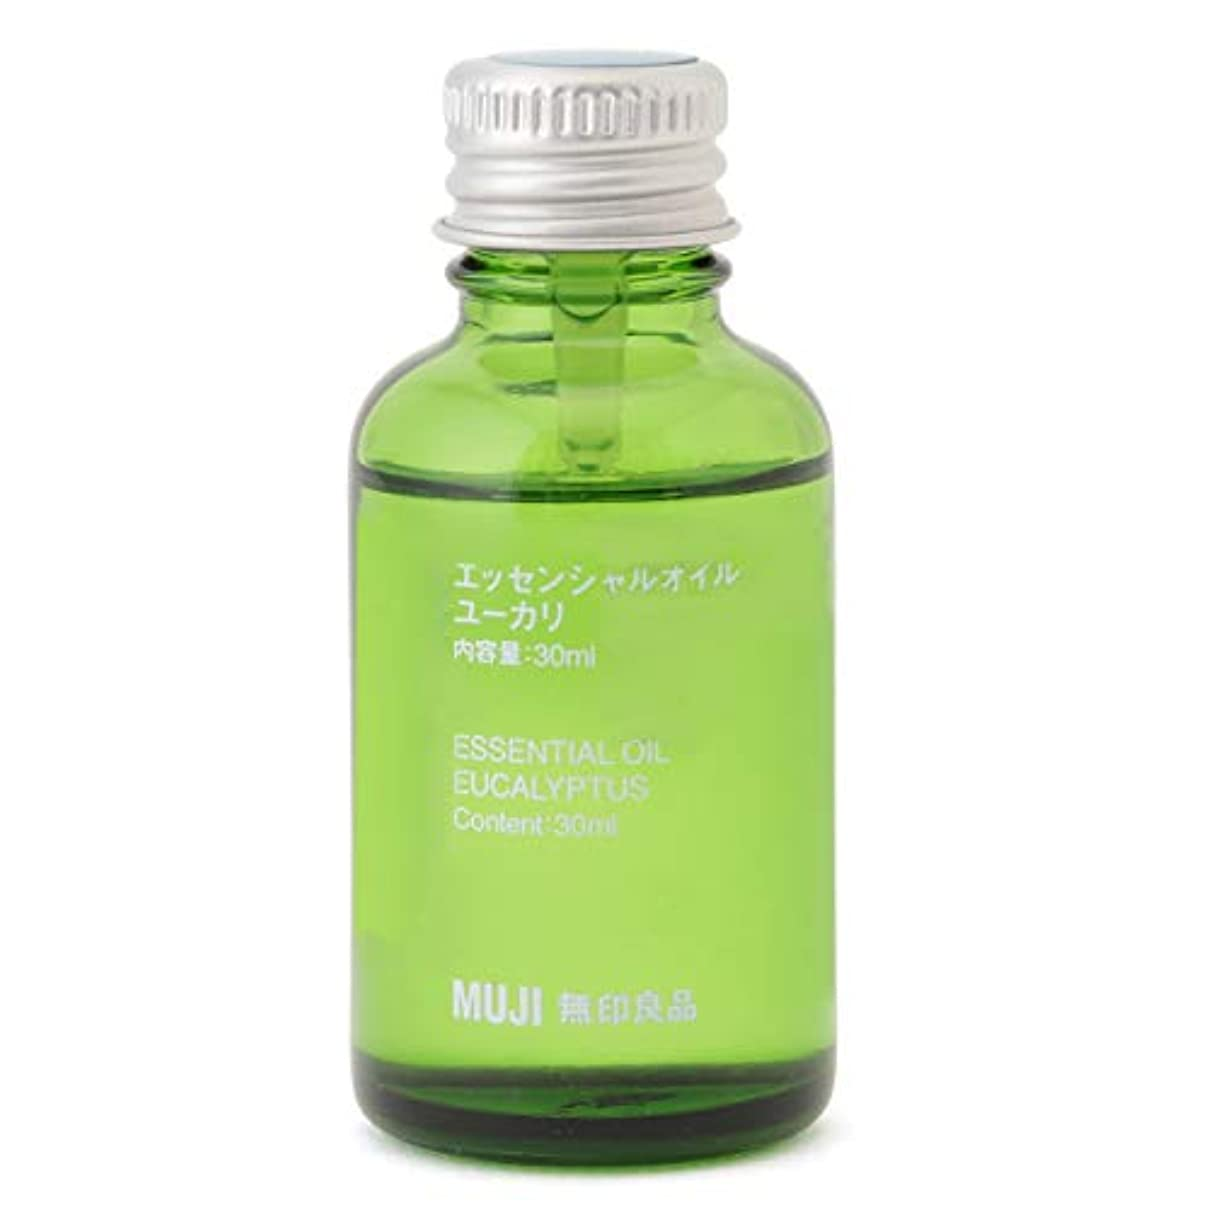 魔法怪物残高【無印良品】エッセンシャルオイル30ml(ユーカリ)